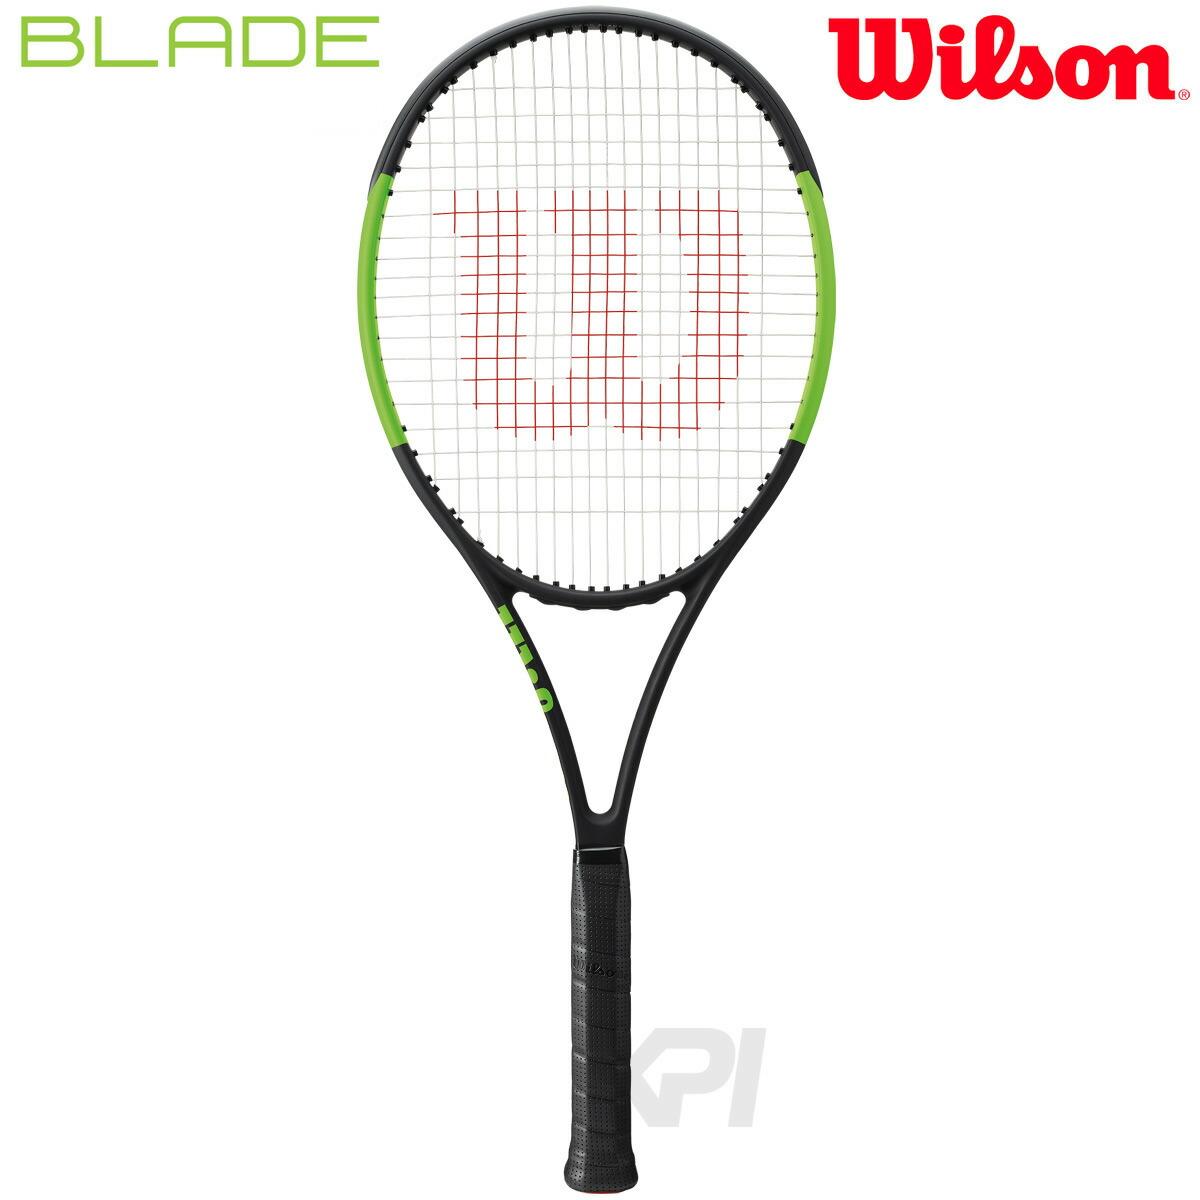 「あす楽対応」Wilson(ウイルソン)「BLADE 104 (ブレイド104) WRT733310」硬式テニスラケット(スマートテニスセンサー対応)【prospo】 『即日出荷』